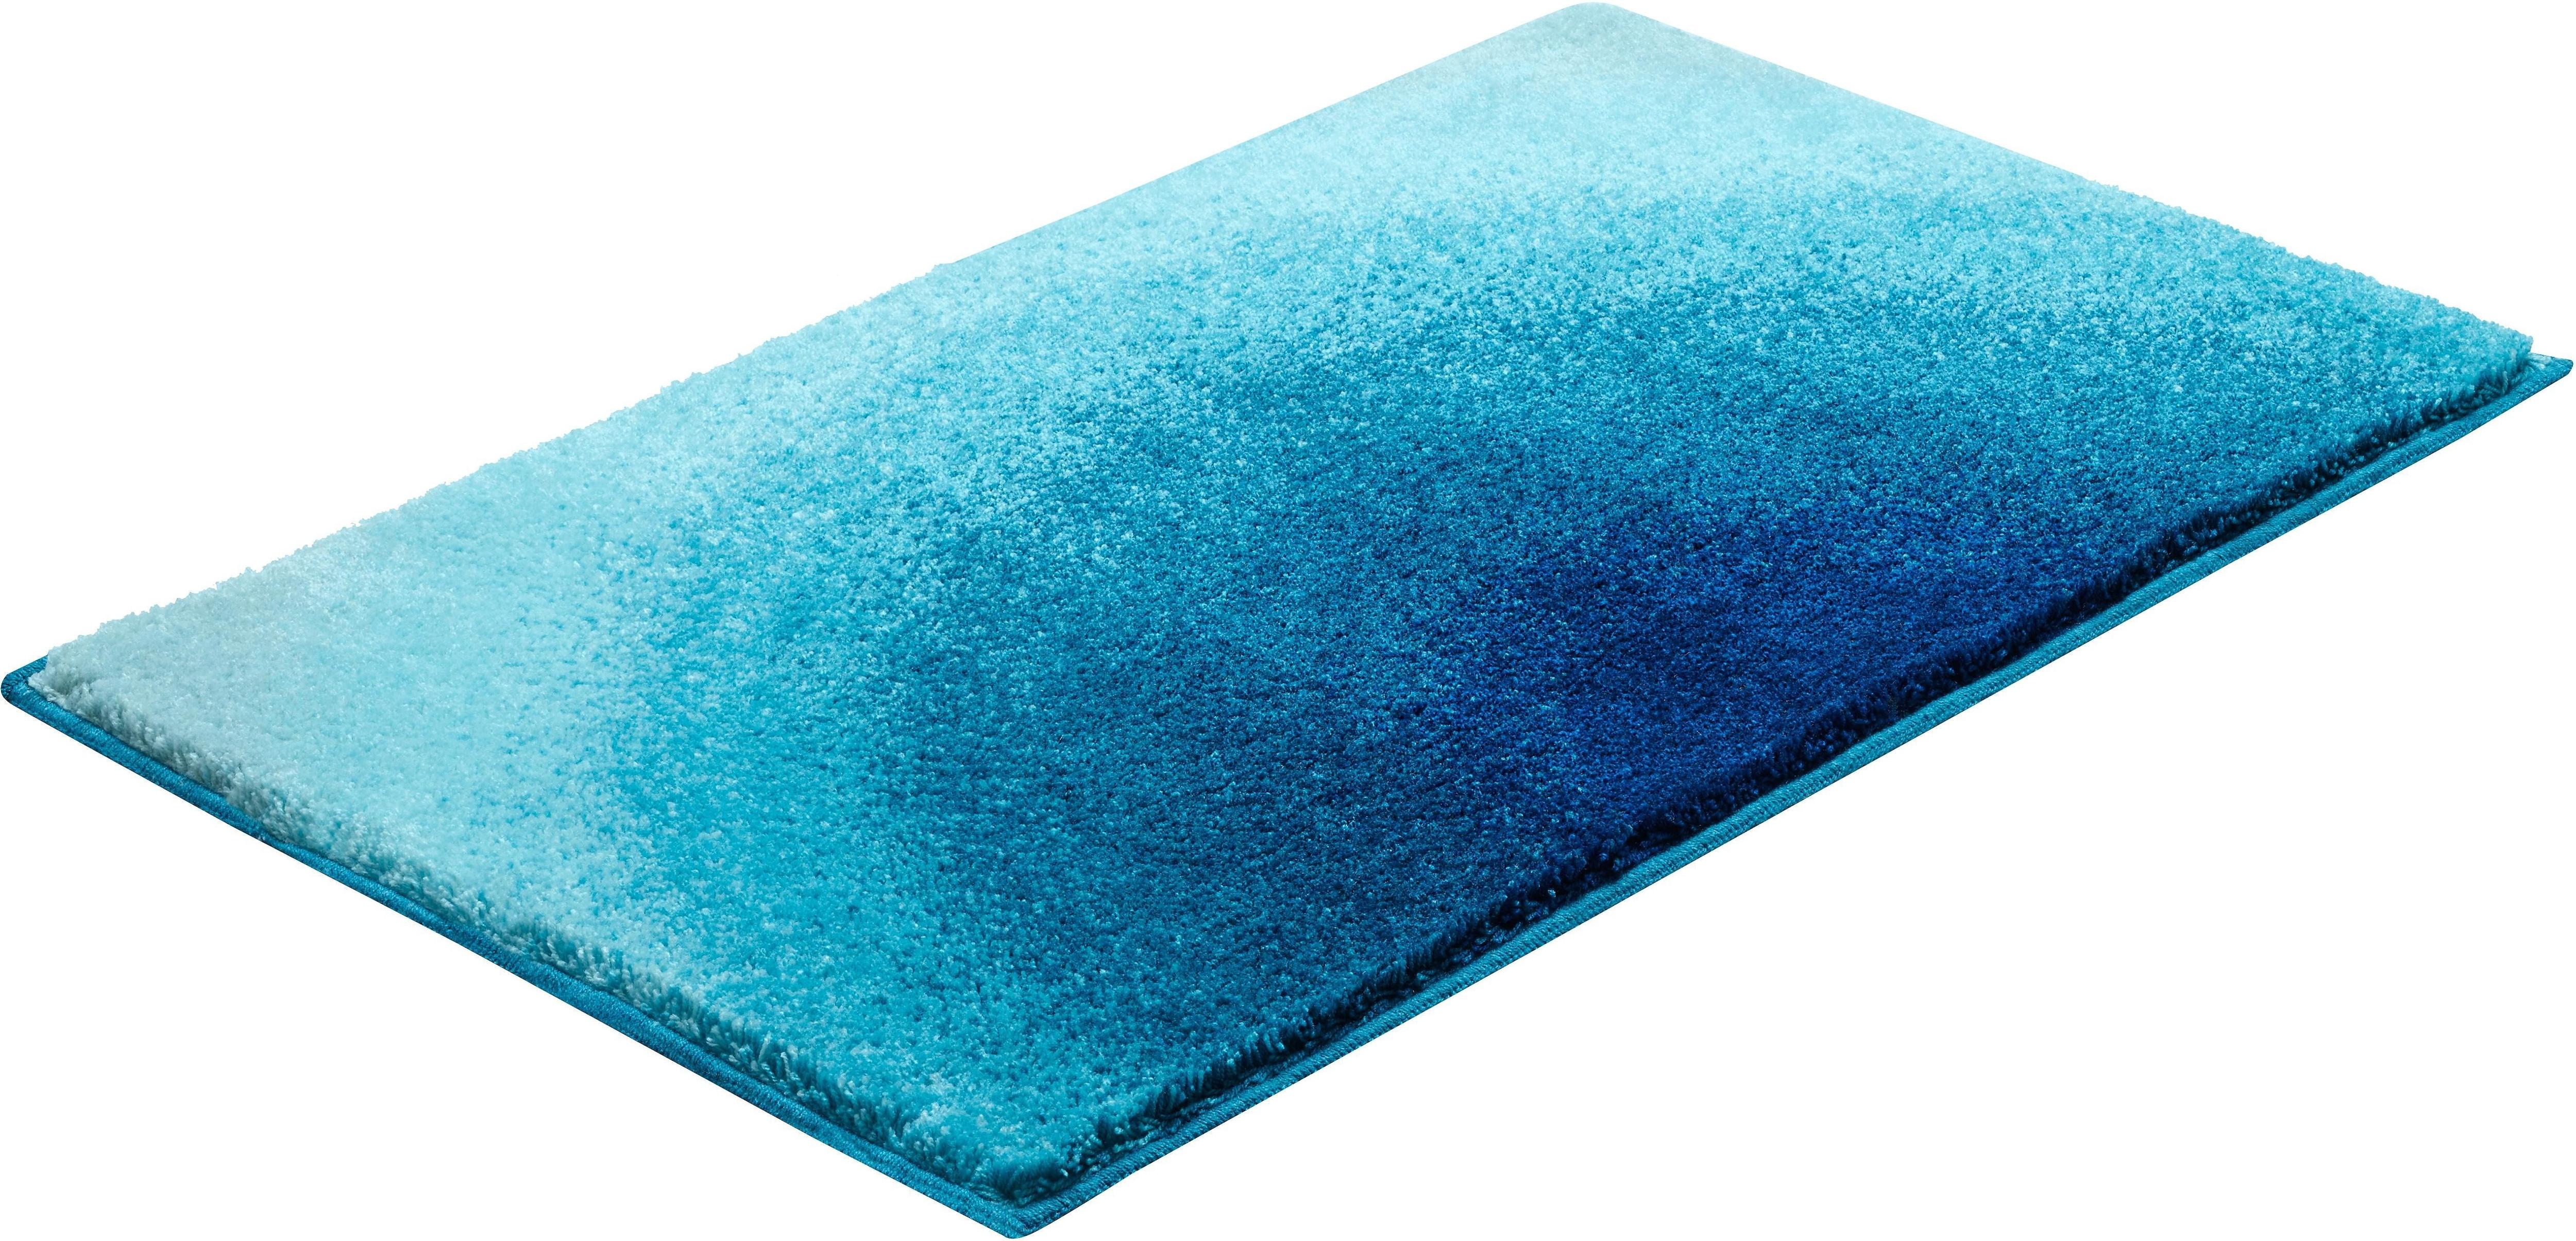 Badematte Sunshine Grund Höhe 24 mm rutschhemmend beschichtet fußbodenheizungsgeeignet